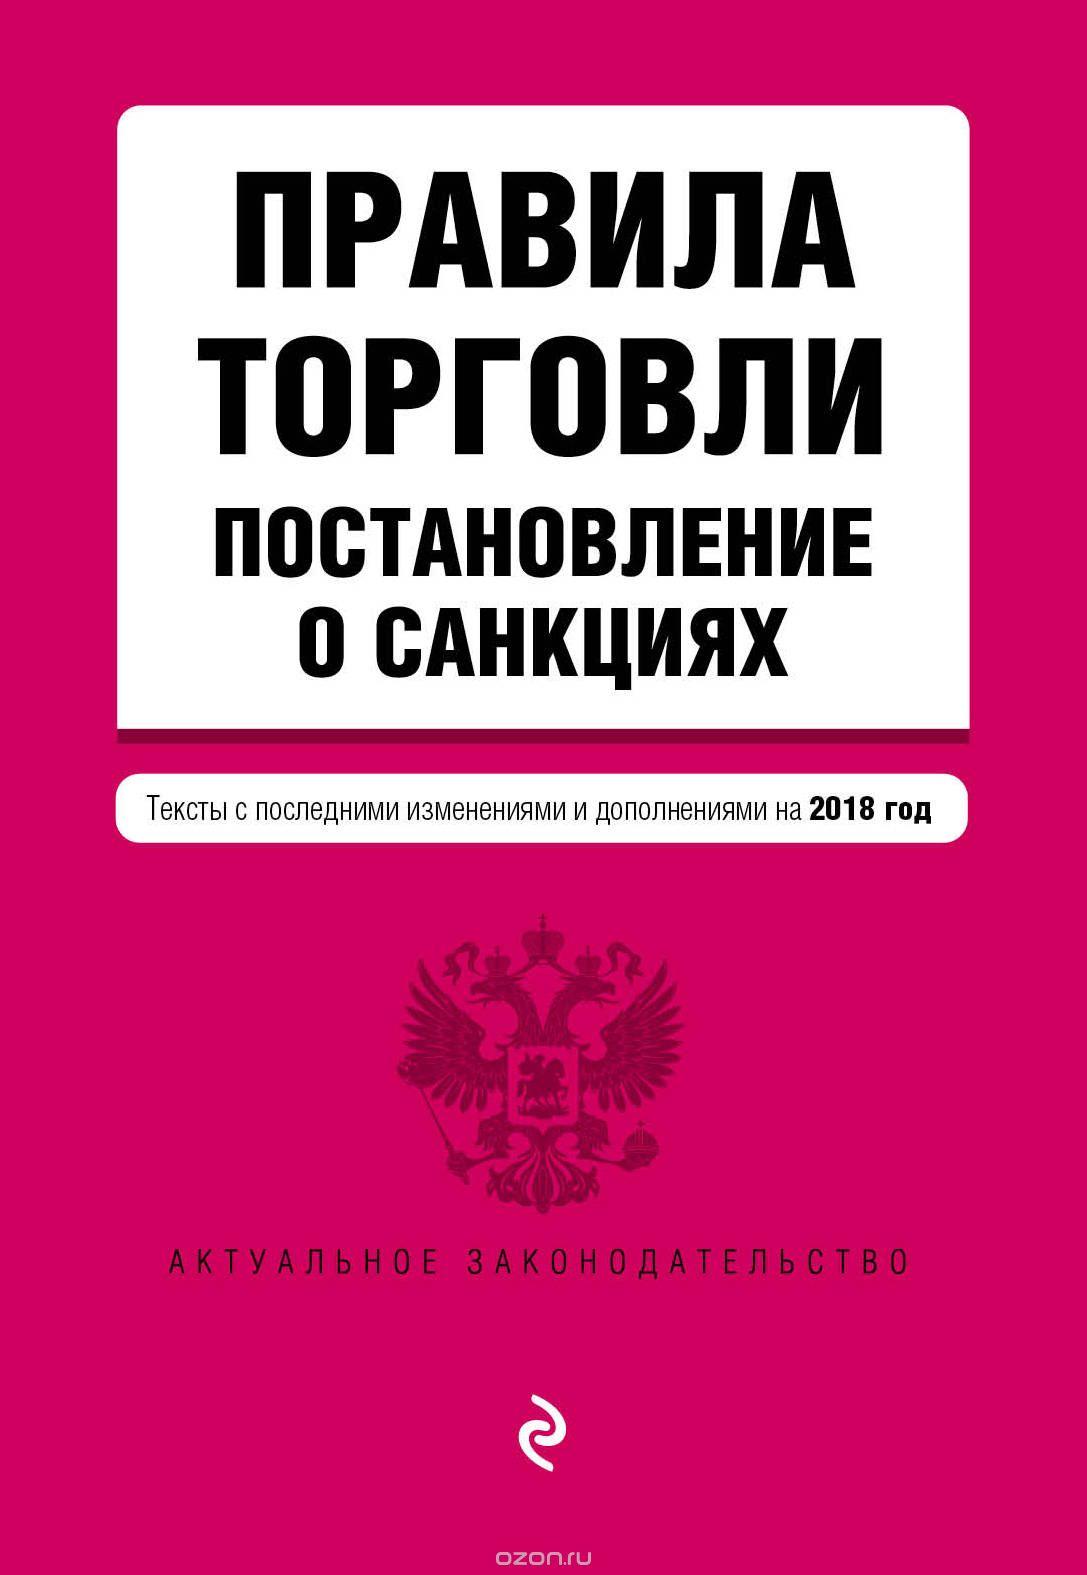 Правила торговли.  Постановление о санкциях.  Тексты с последними изменениями и дополнениями на 2018 год